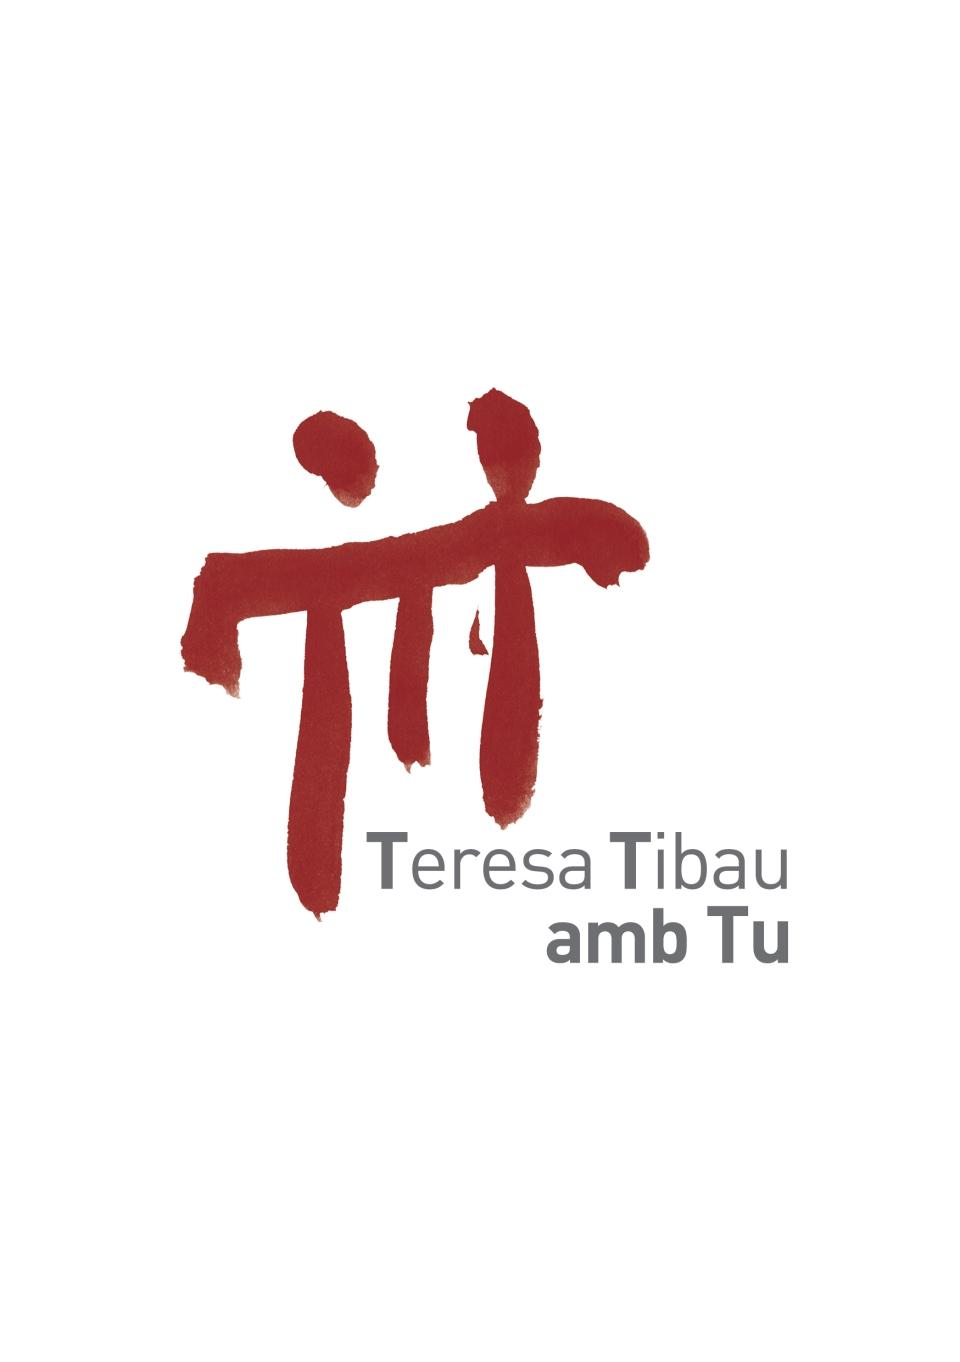 Logo color amb tu